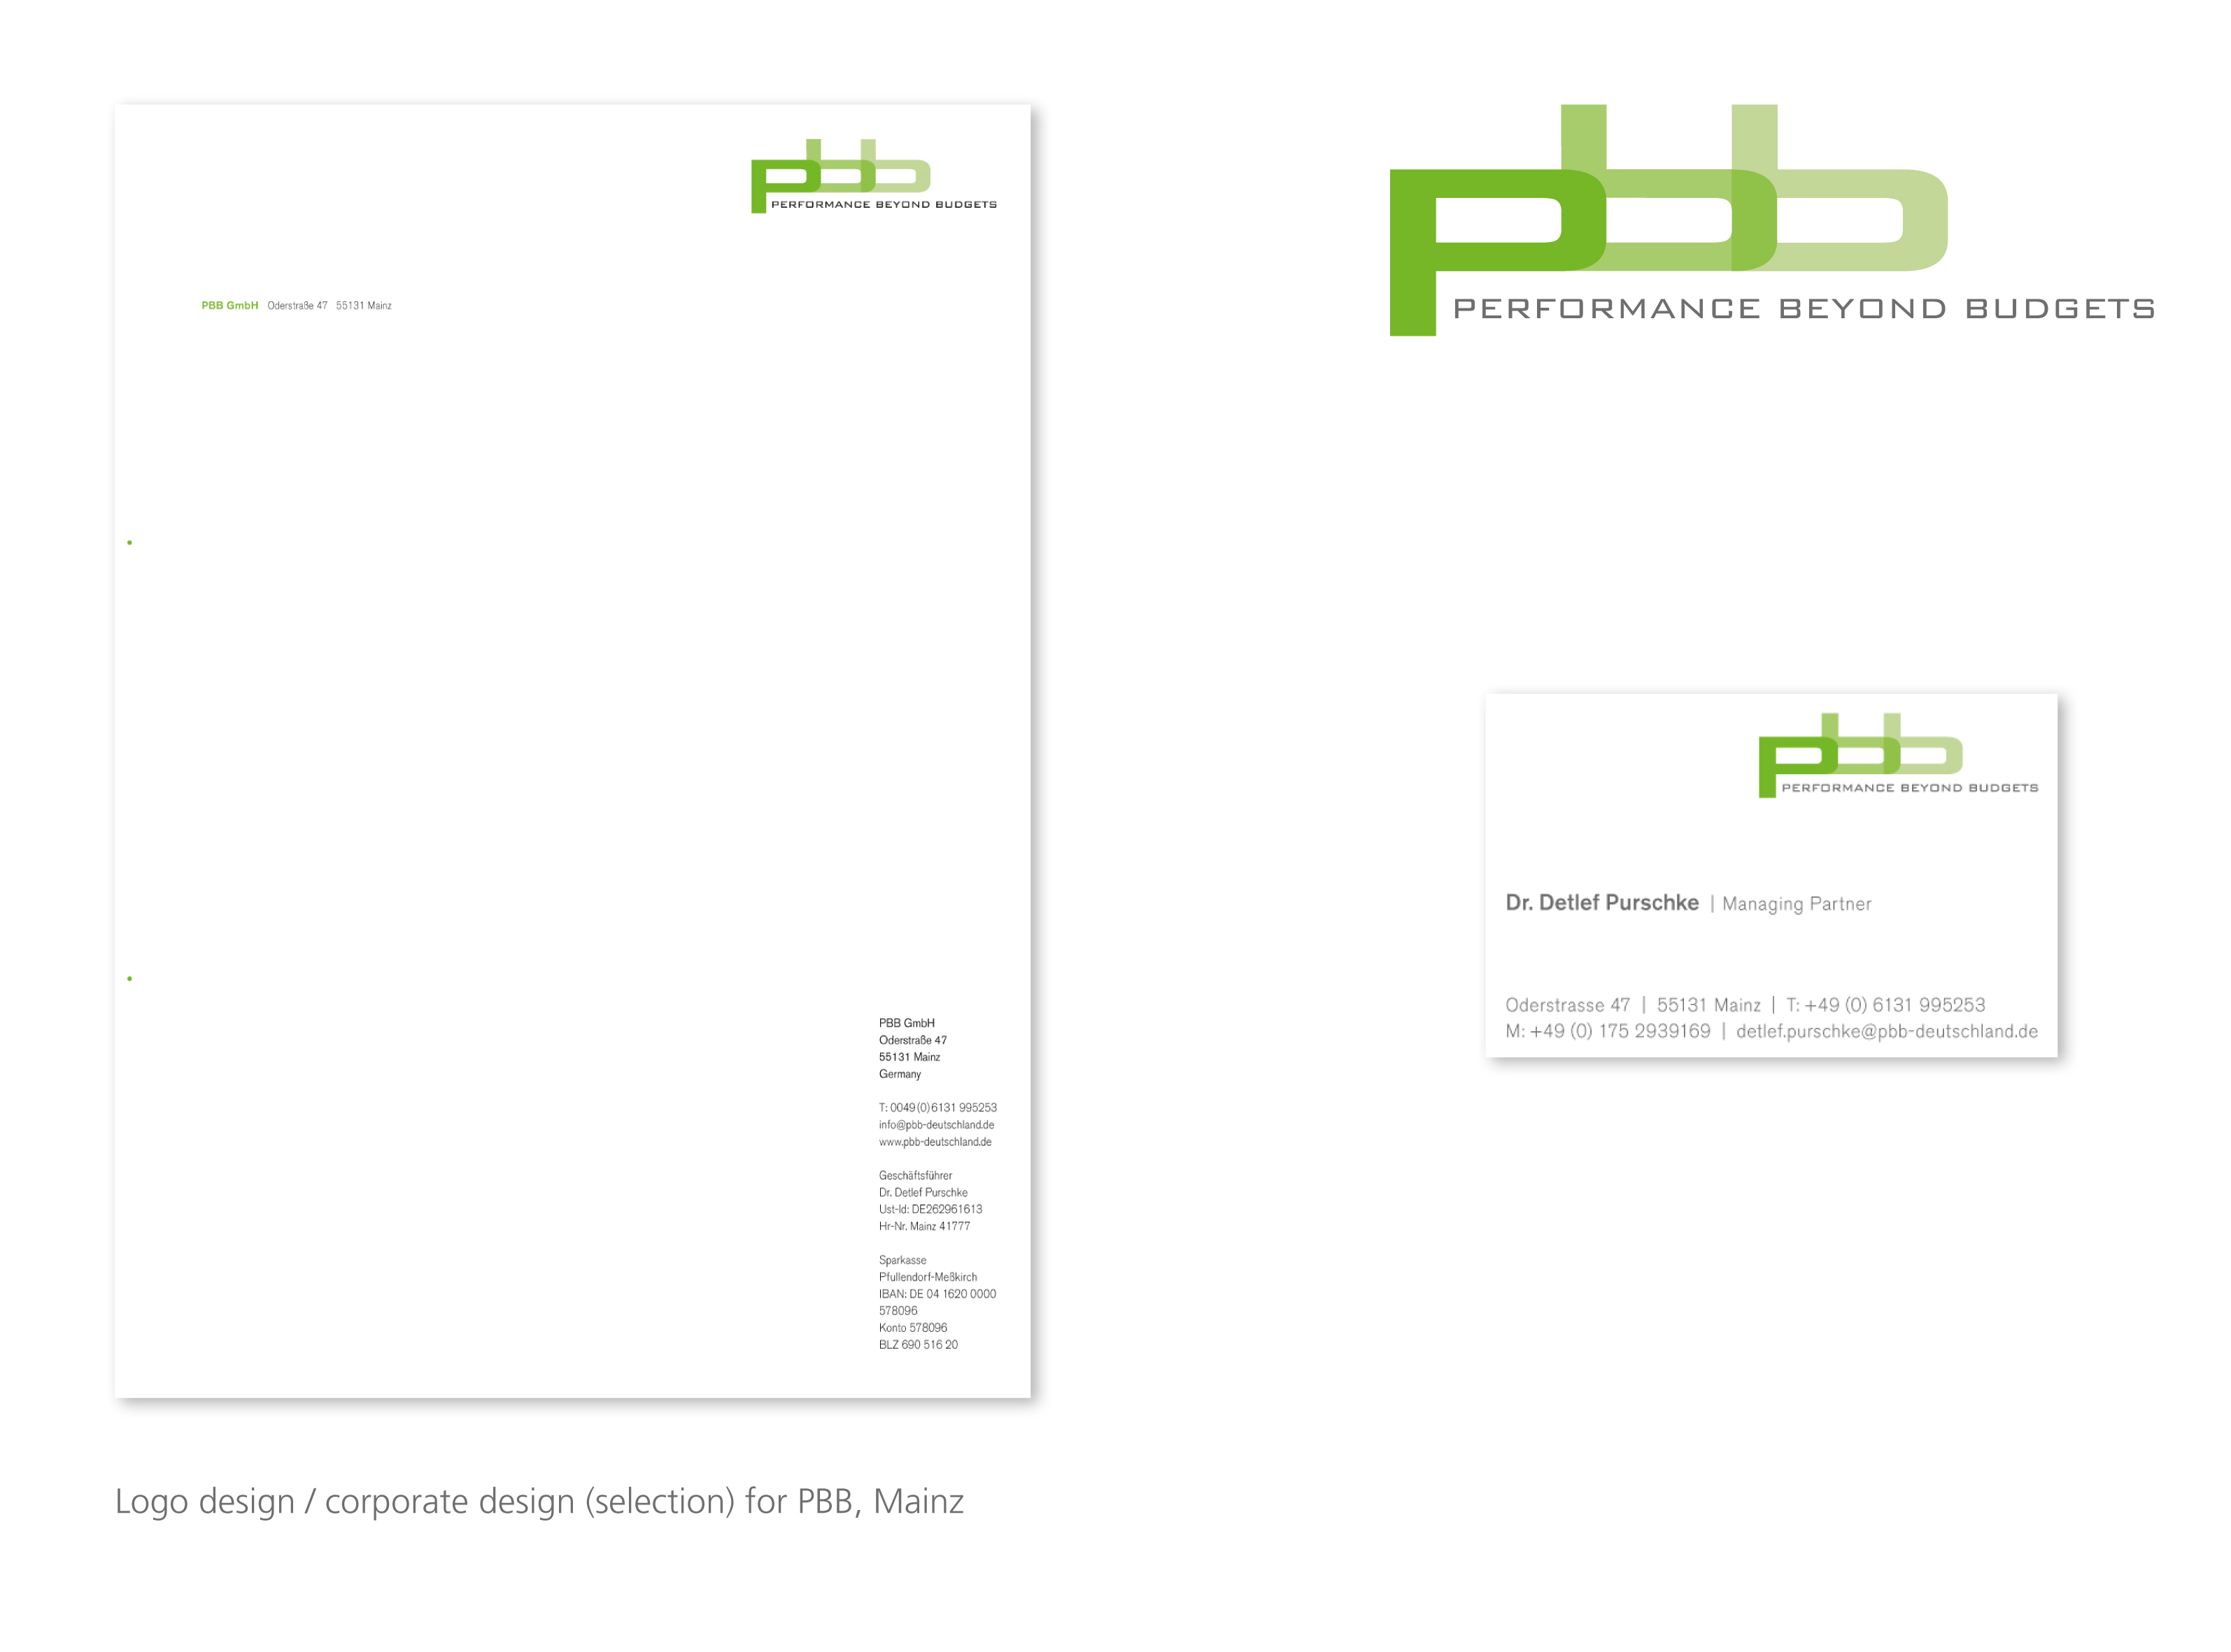 Corporate_Design_E_15_pbb